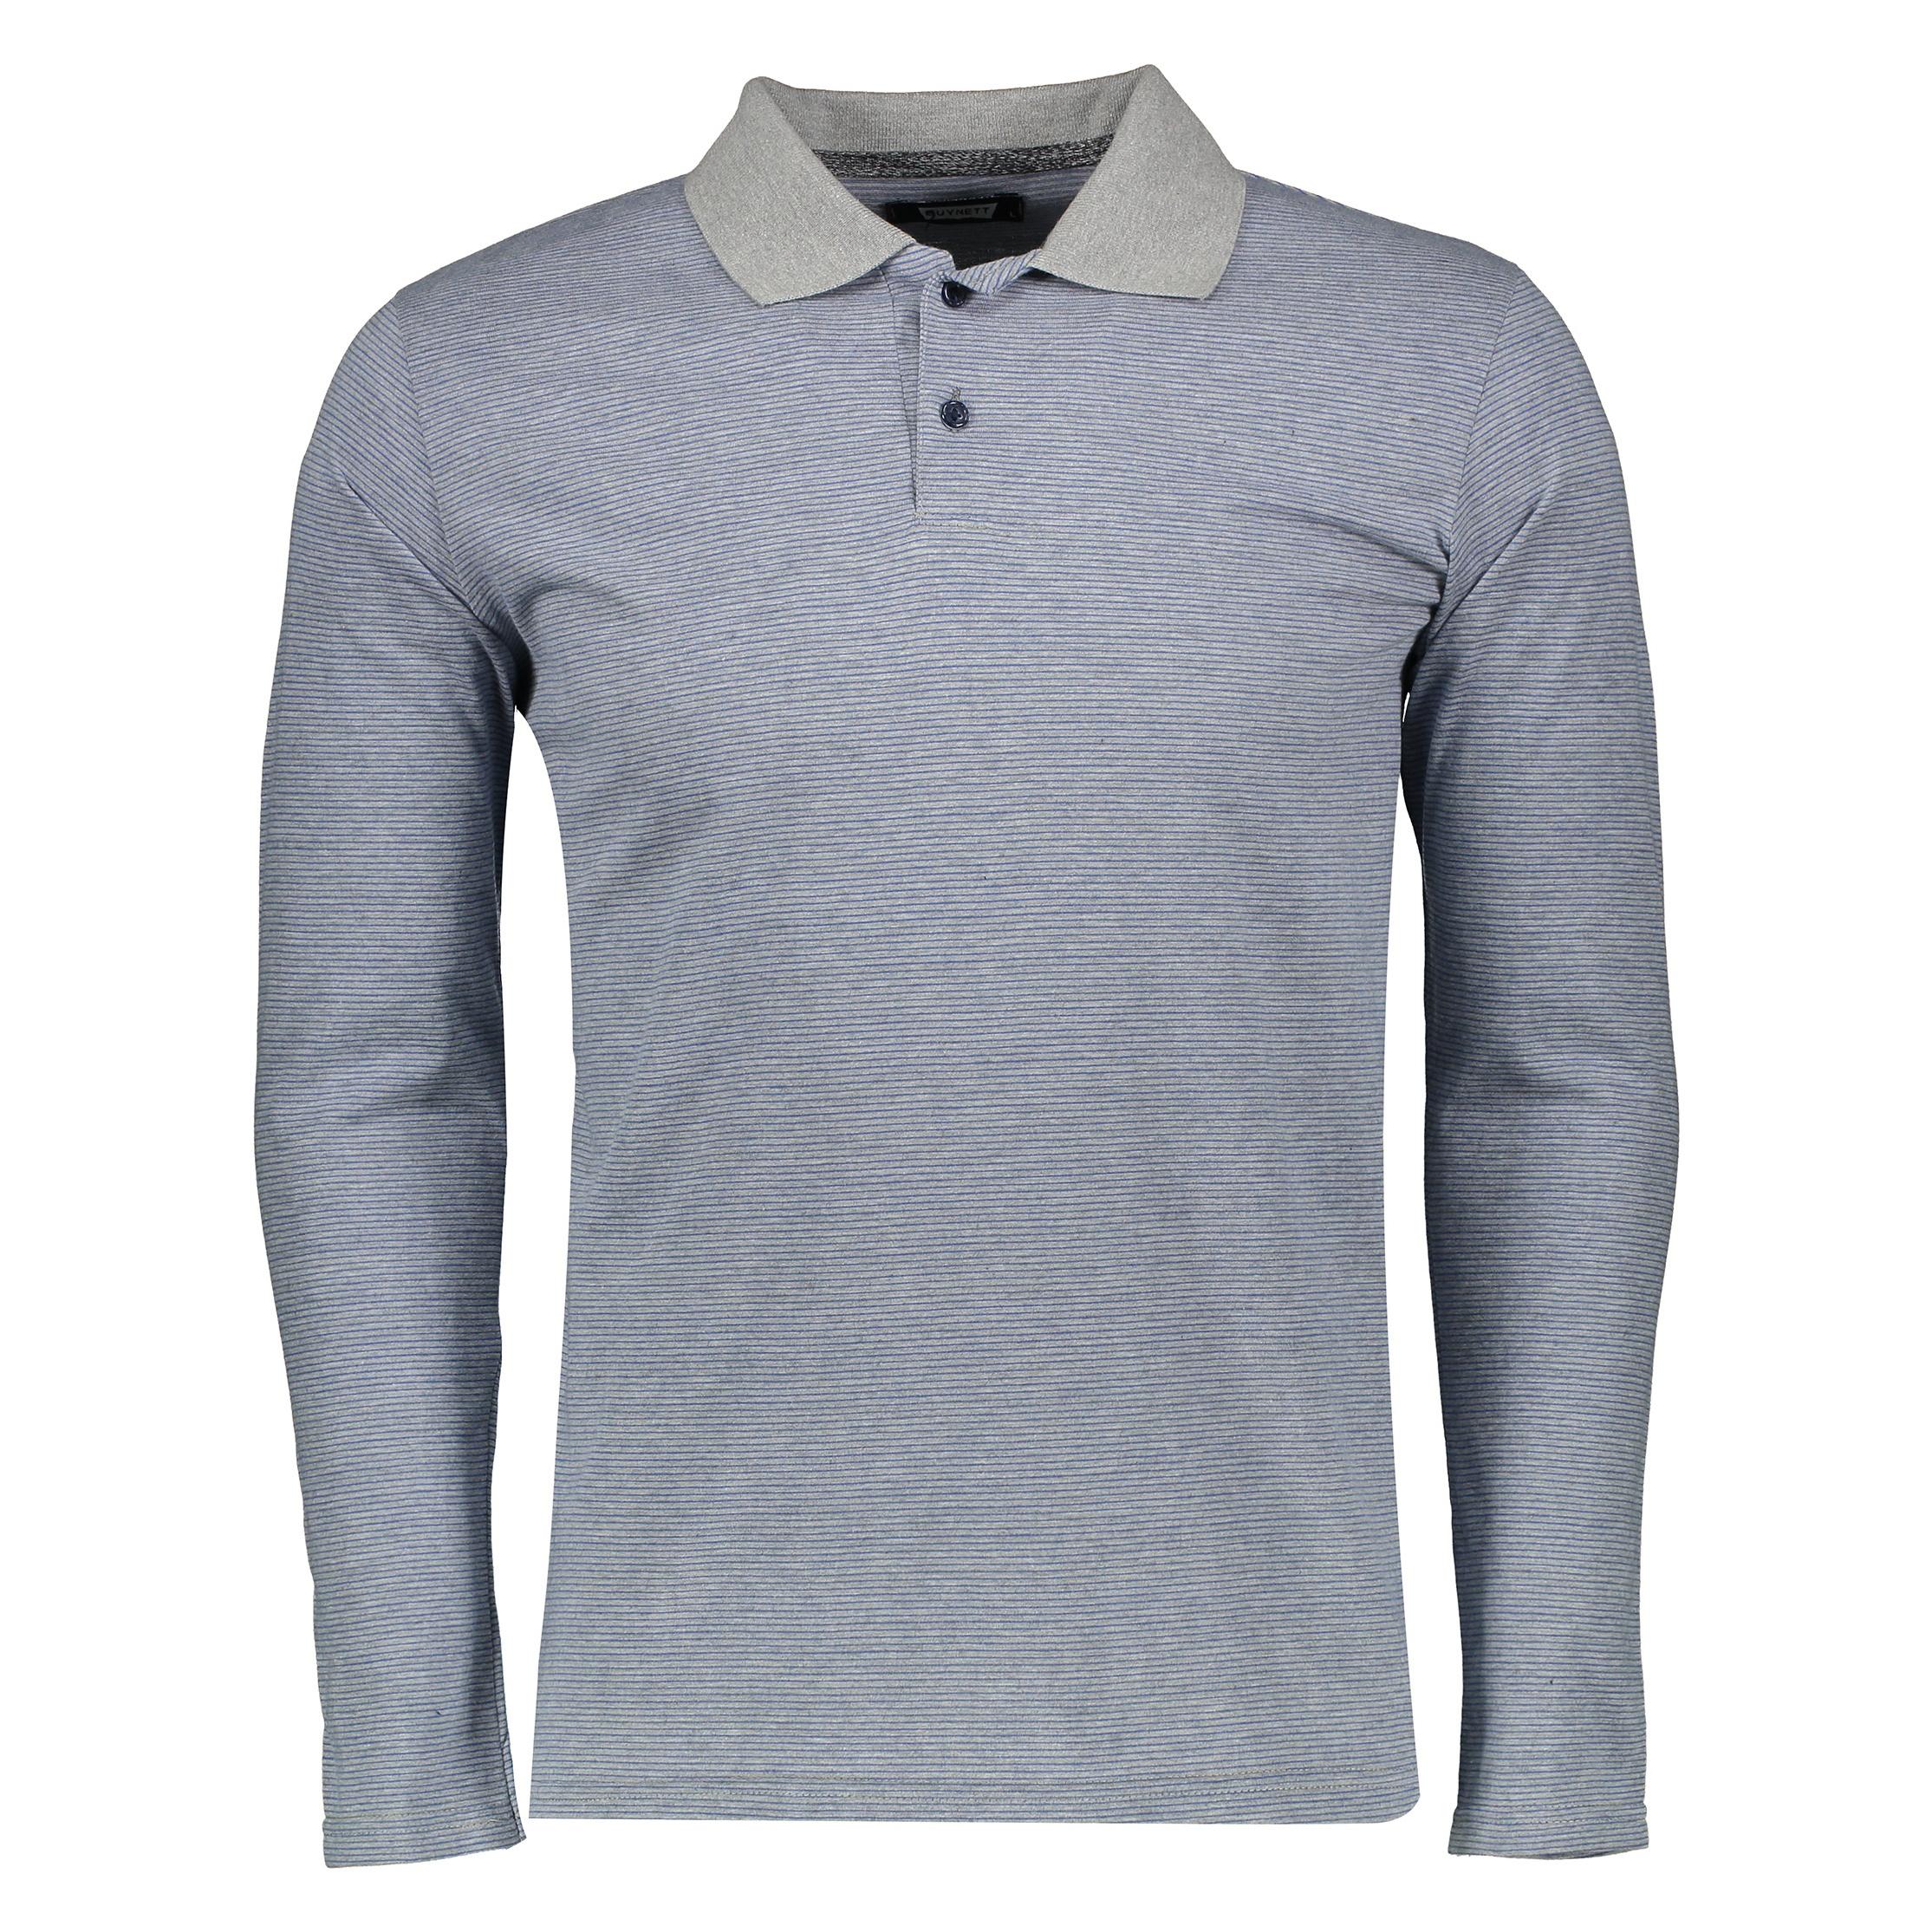 تصویر پولو شرت آستین بلند مردانه بای نت کد 351-2